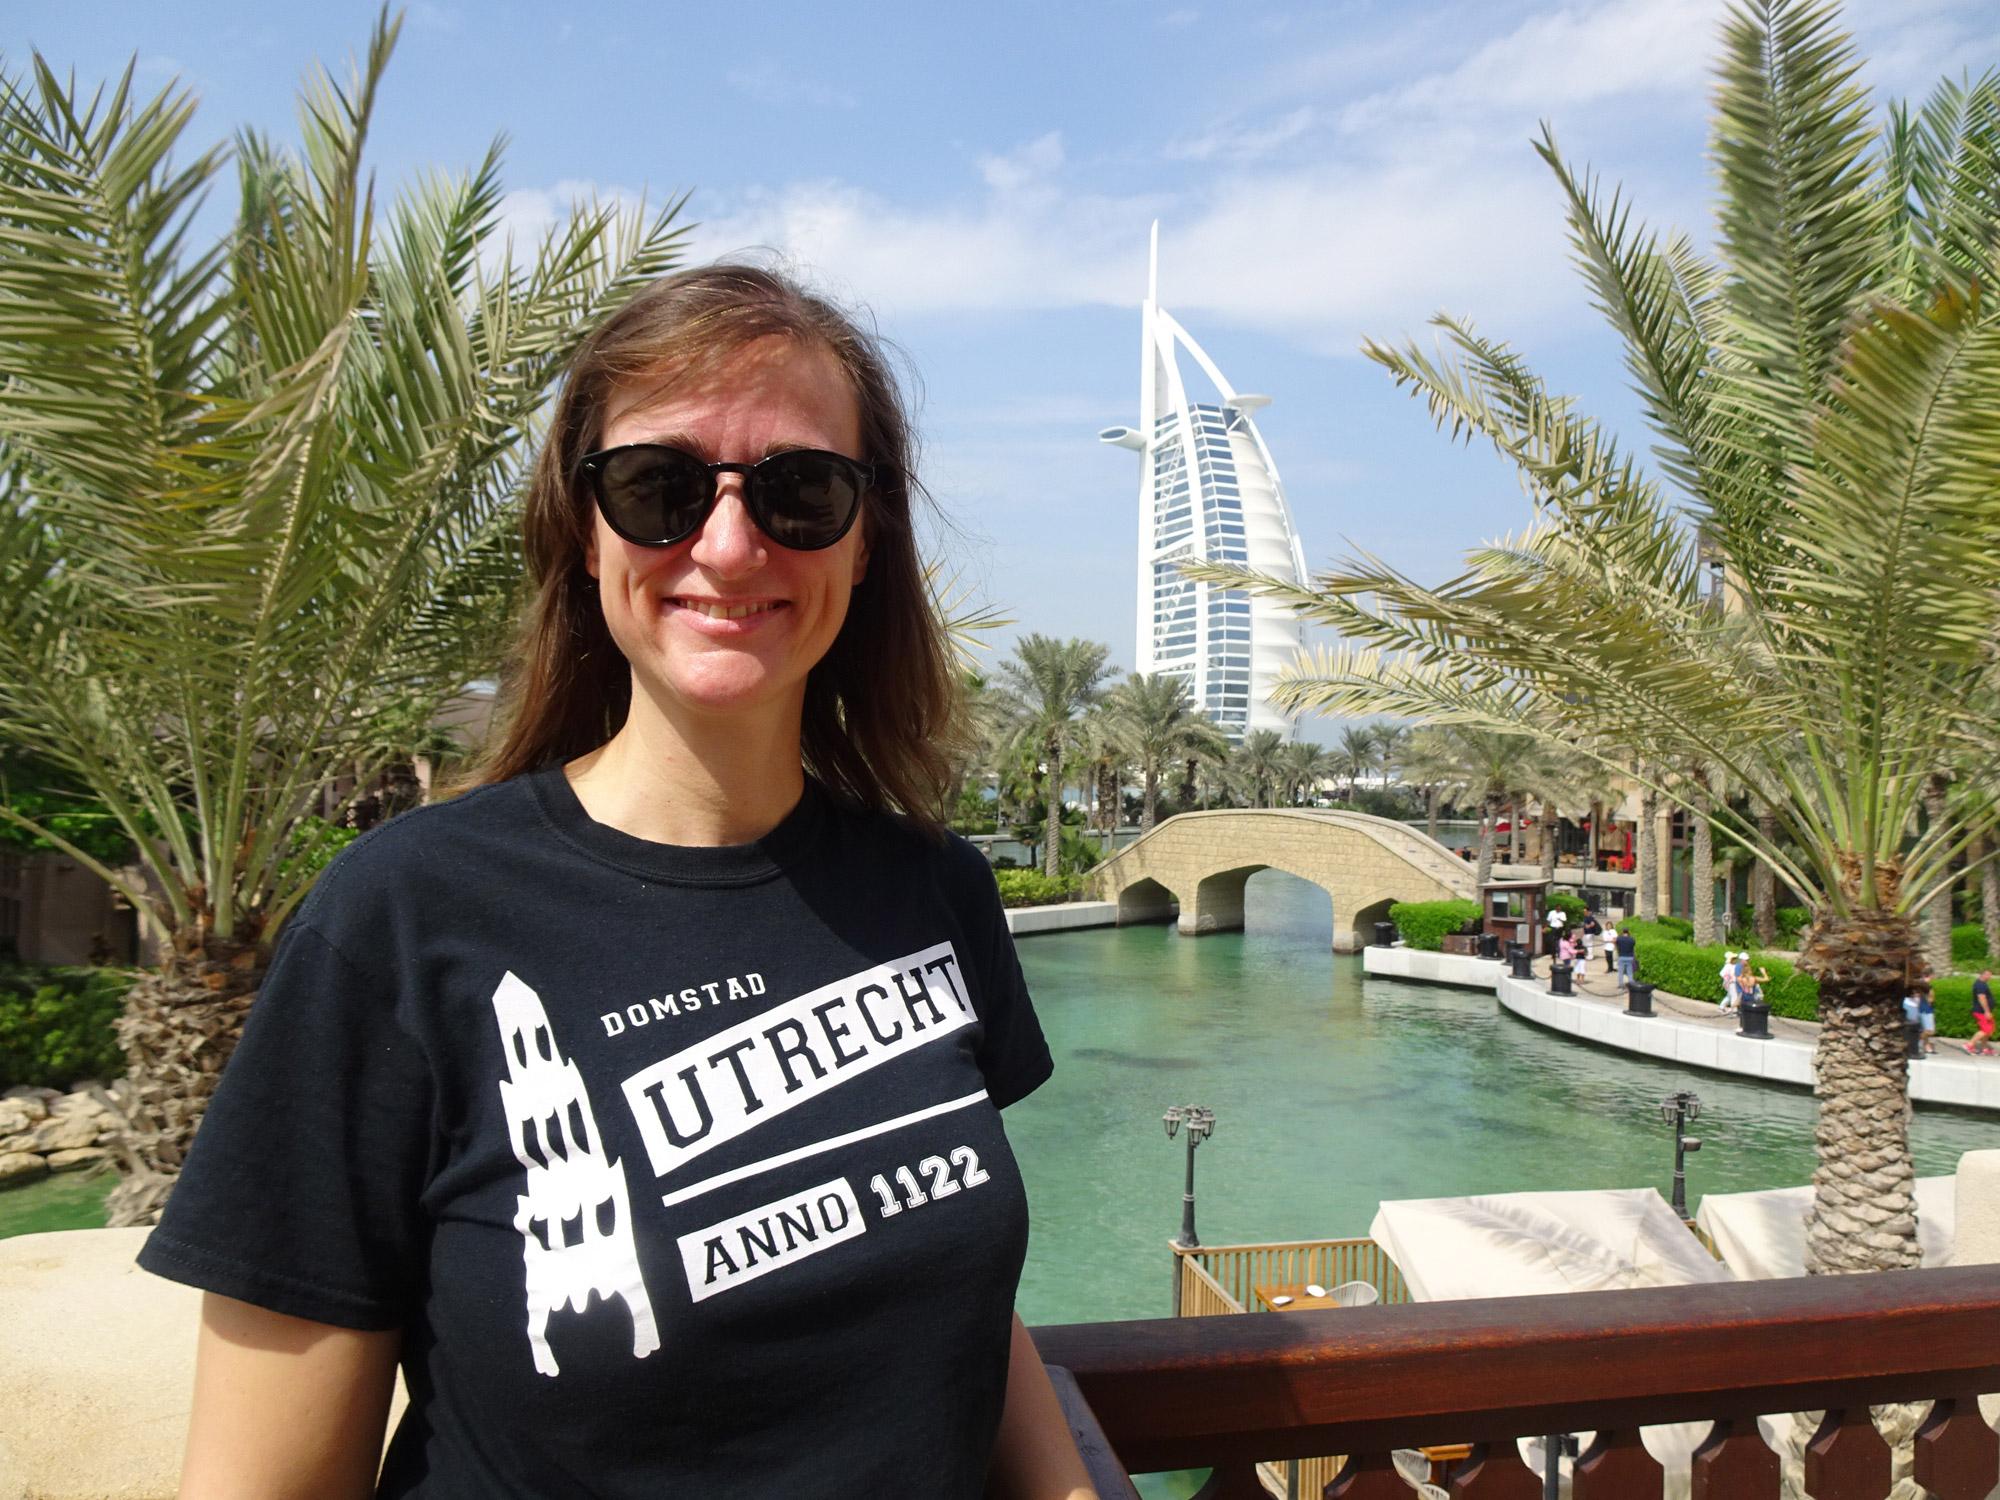 Anika - Dubai - Burj Al Arab